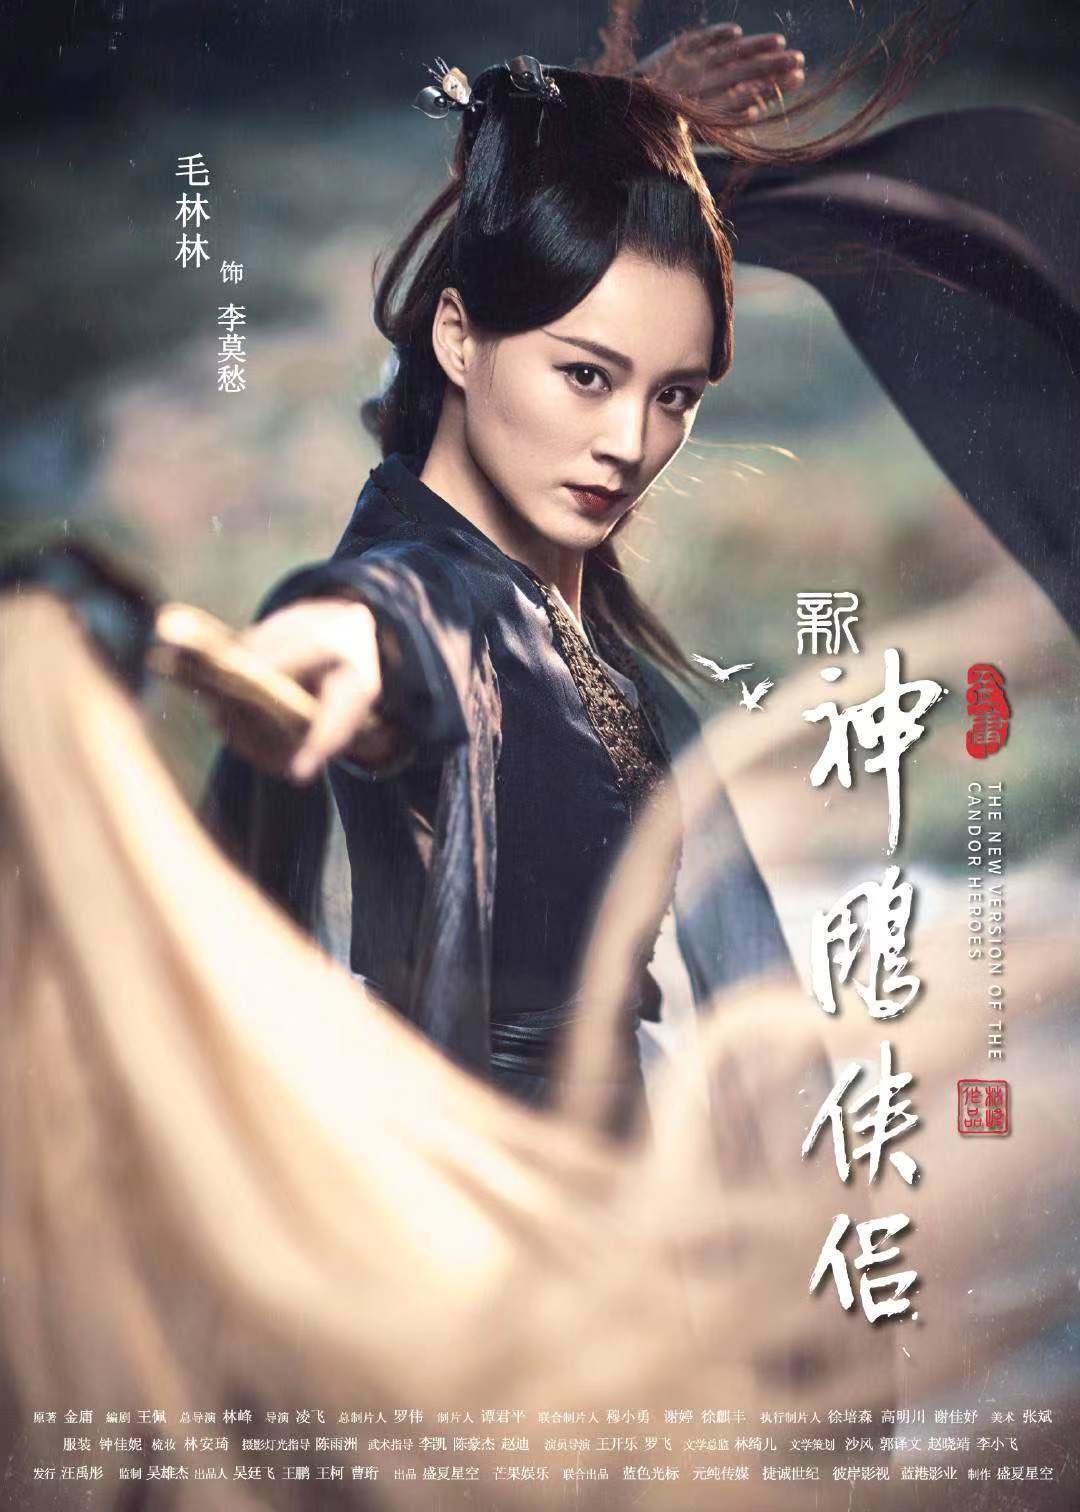 Mao Lâm Lâm được khen hợp với tạo hình trong phim này. Cô từng xuất hiện trong nhiều phim cổ trang khác như Lan Lăng Vương, Sở Hán truyền kỳ, Quốc sắc thiên hương... Tuy chỉ đóng vai phụ, Mao Lâm Lâm ghi điểm trong lòng khán giả nhờ vẻ ngoài sắc sảo, diễn xuất ấn tượng.